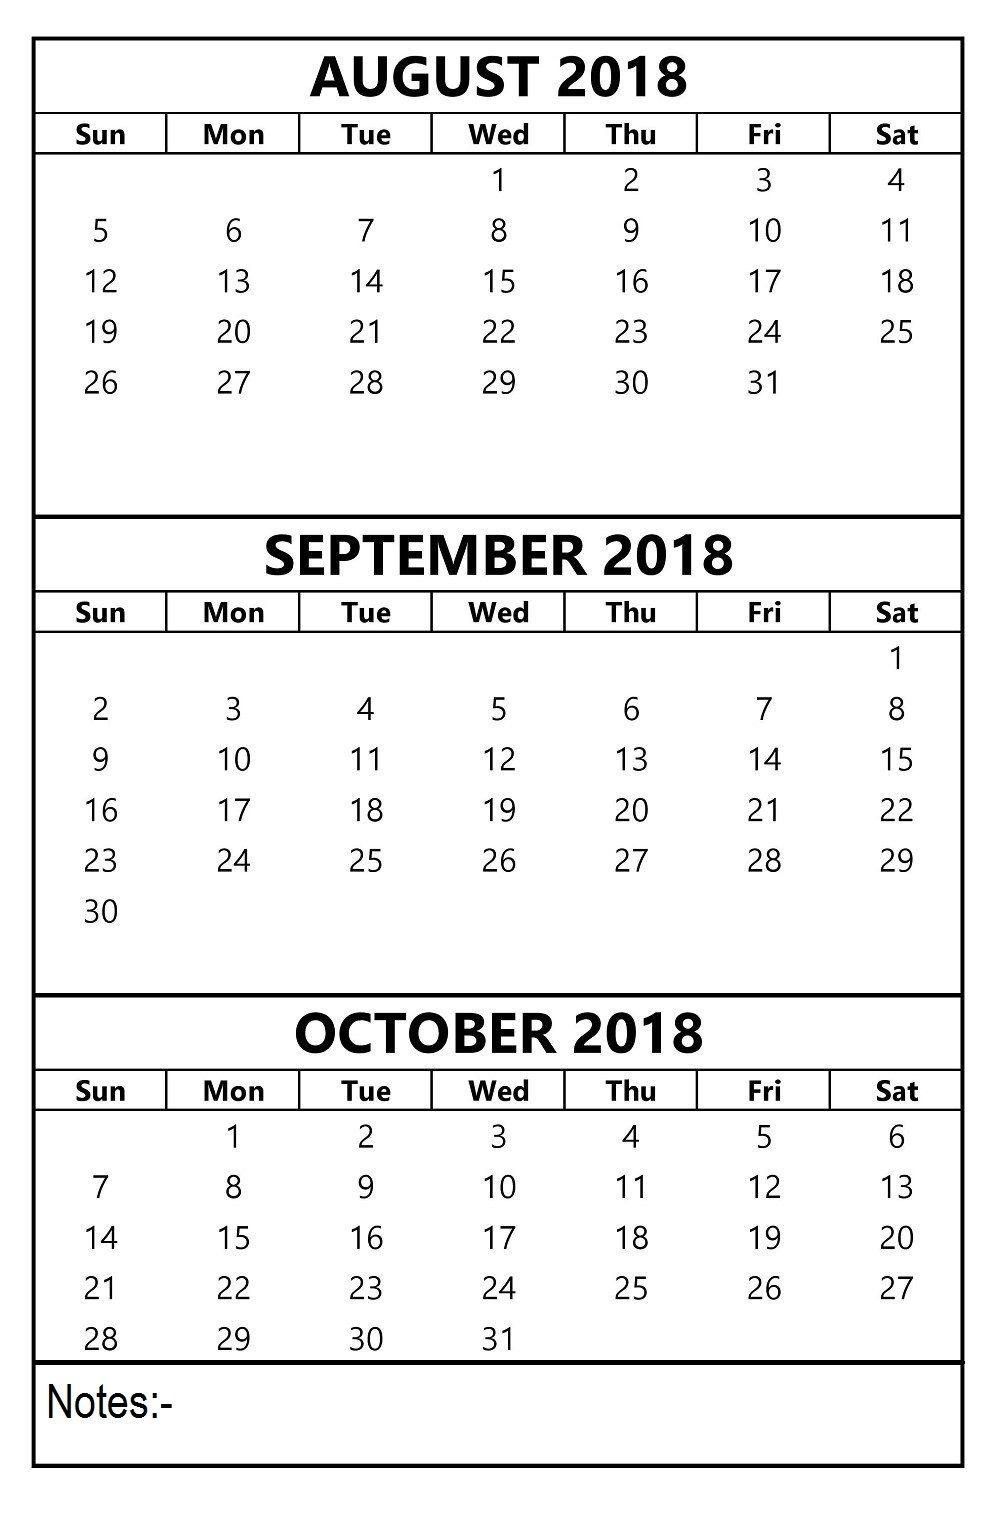 August September October 2018 Calendar 3 Months Template | August with regard to Pinterest 3 Month Calendar Print Out